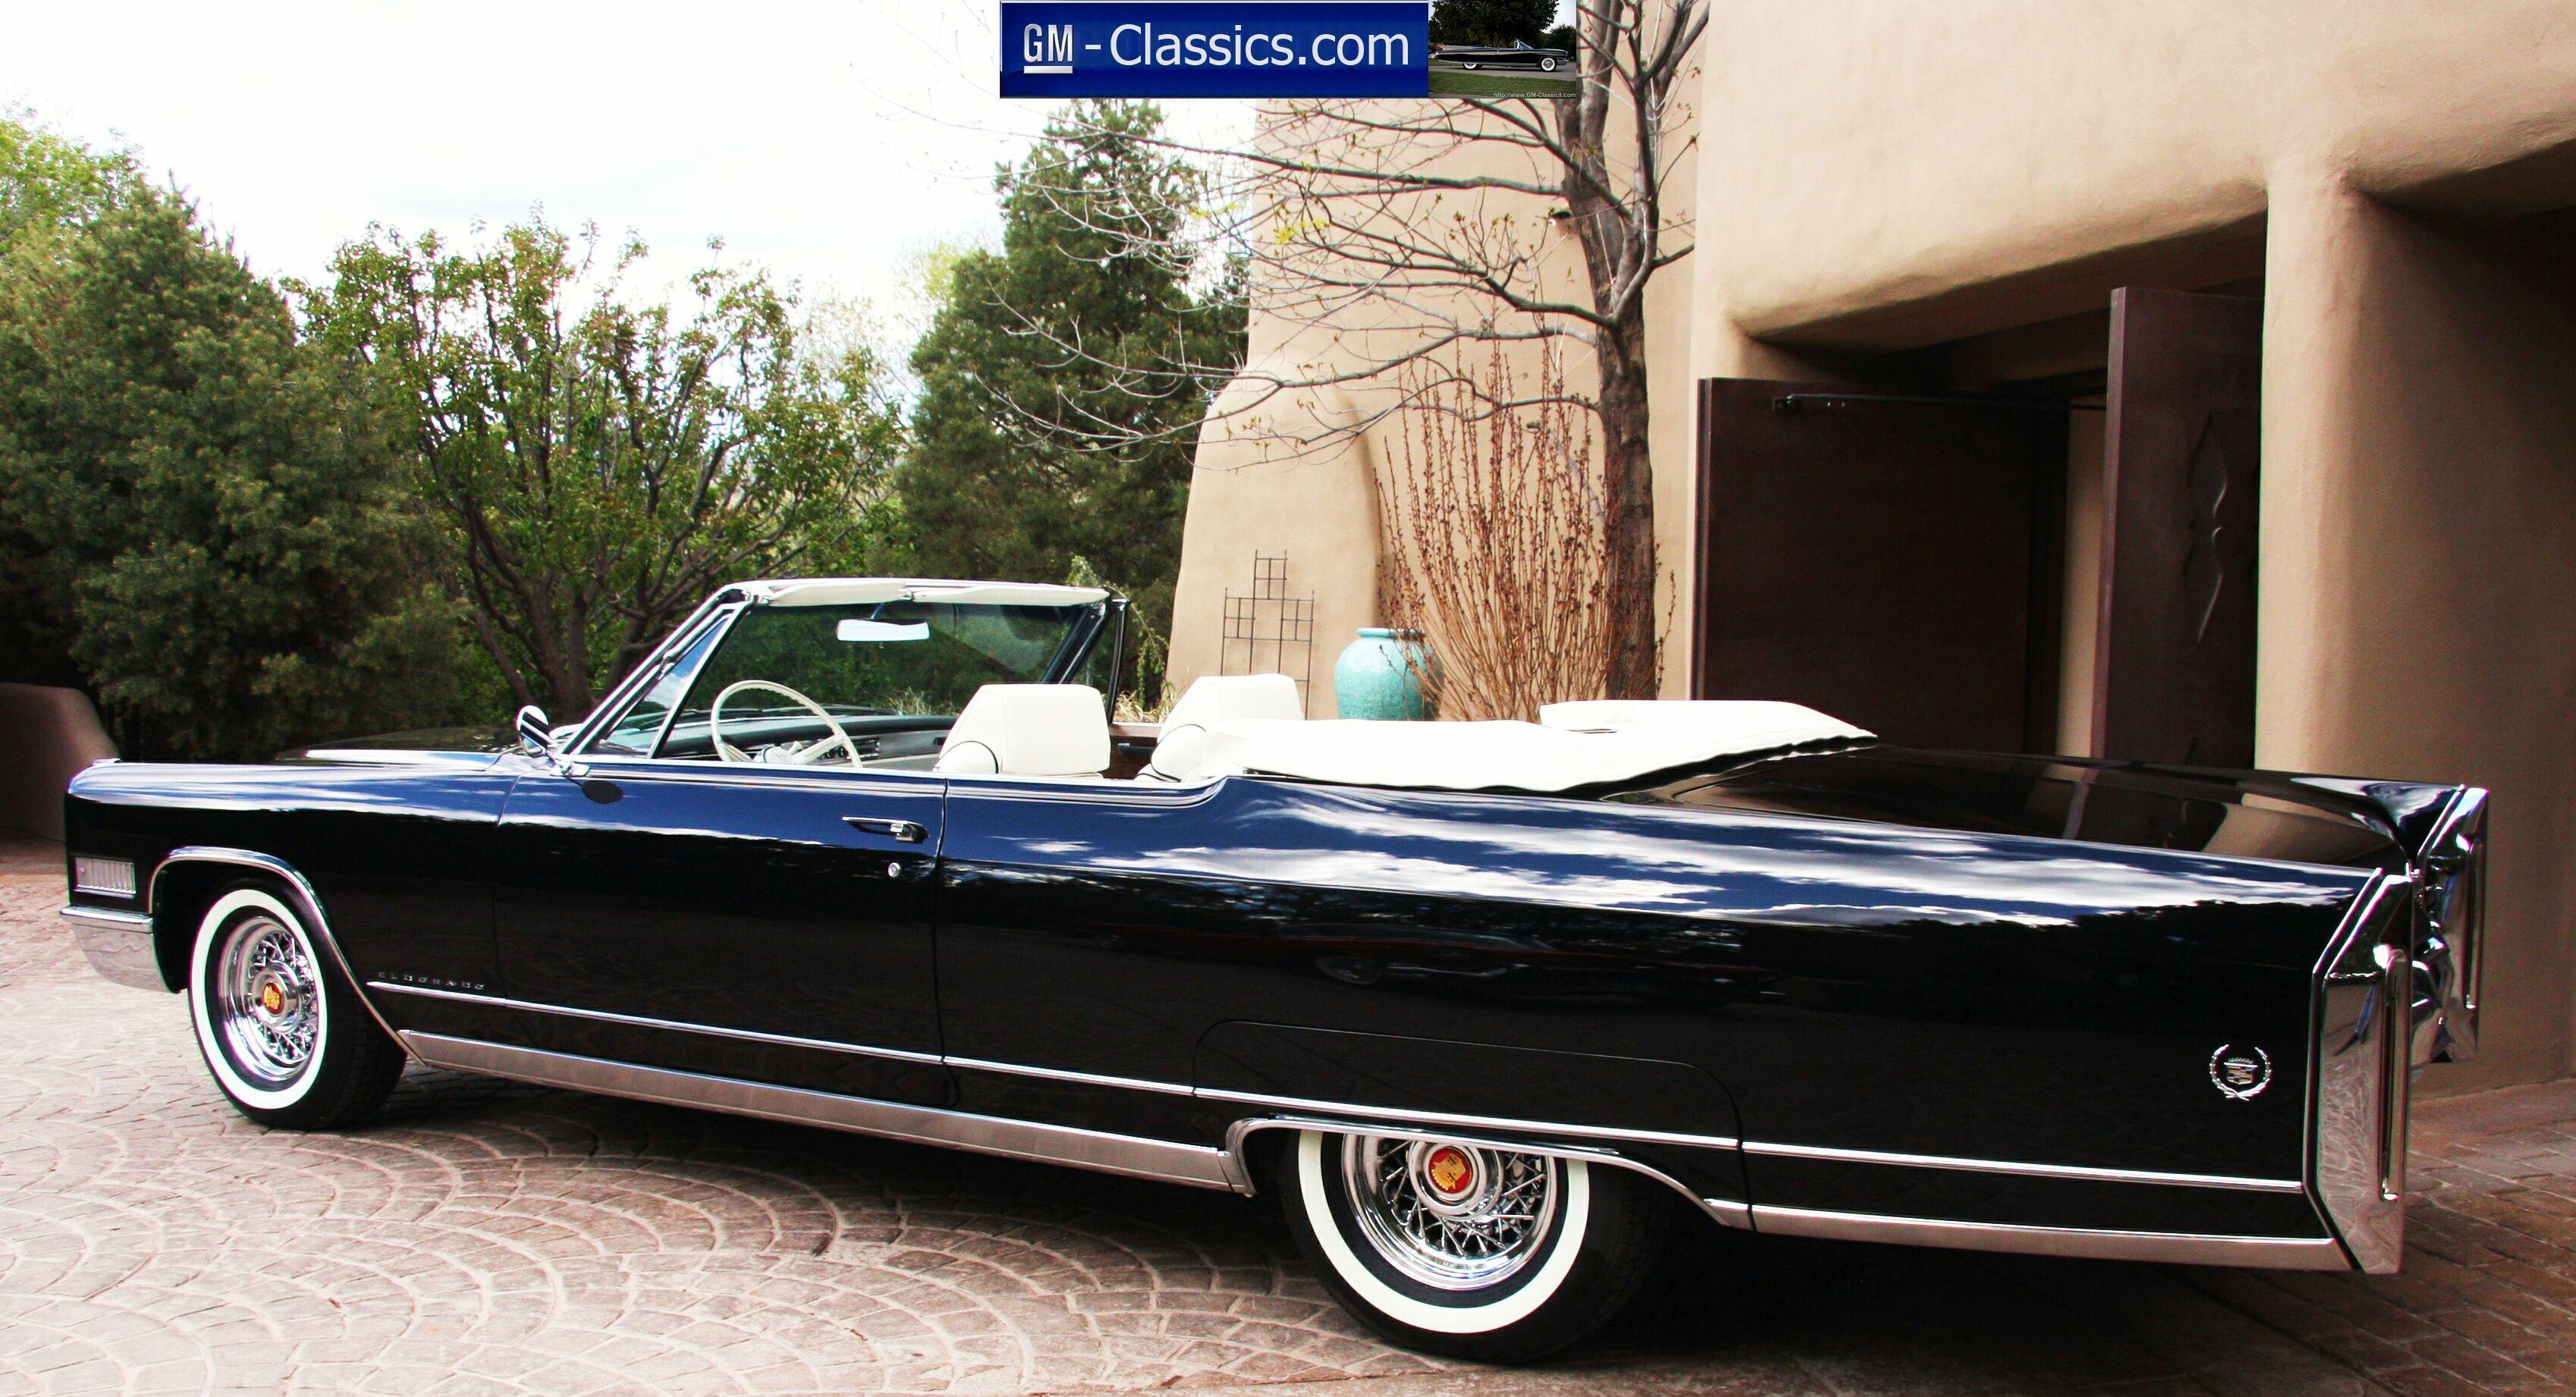 classic listing sale cadillac motors cosmopolitan exotic fleetwood llc for